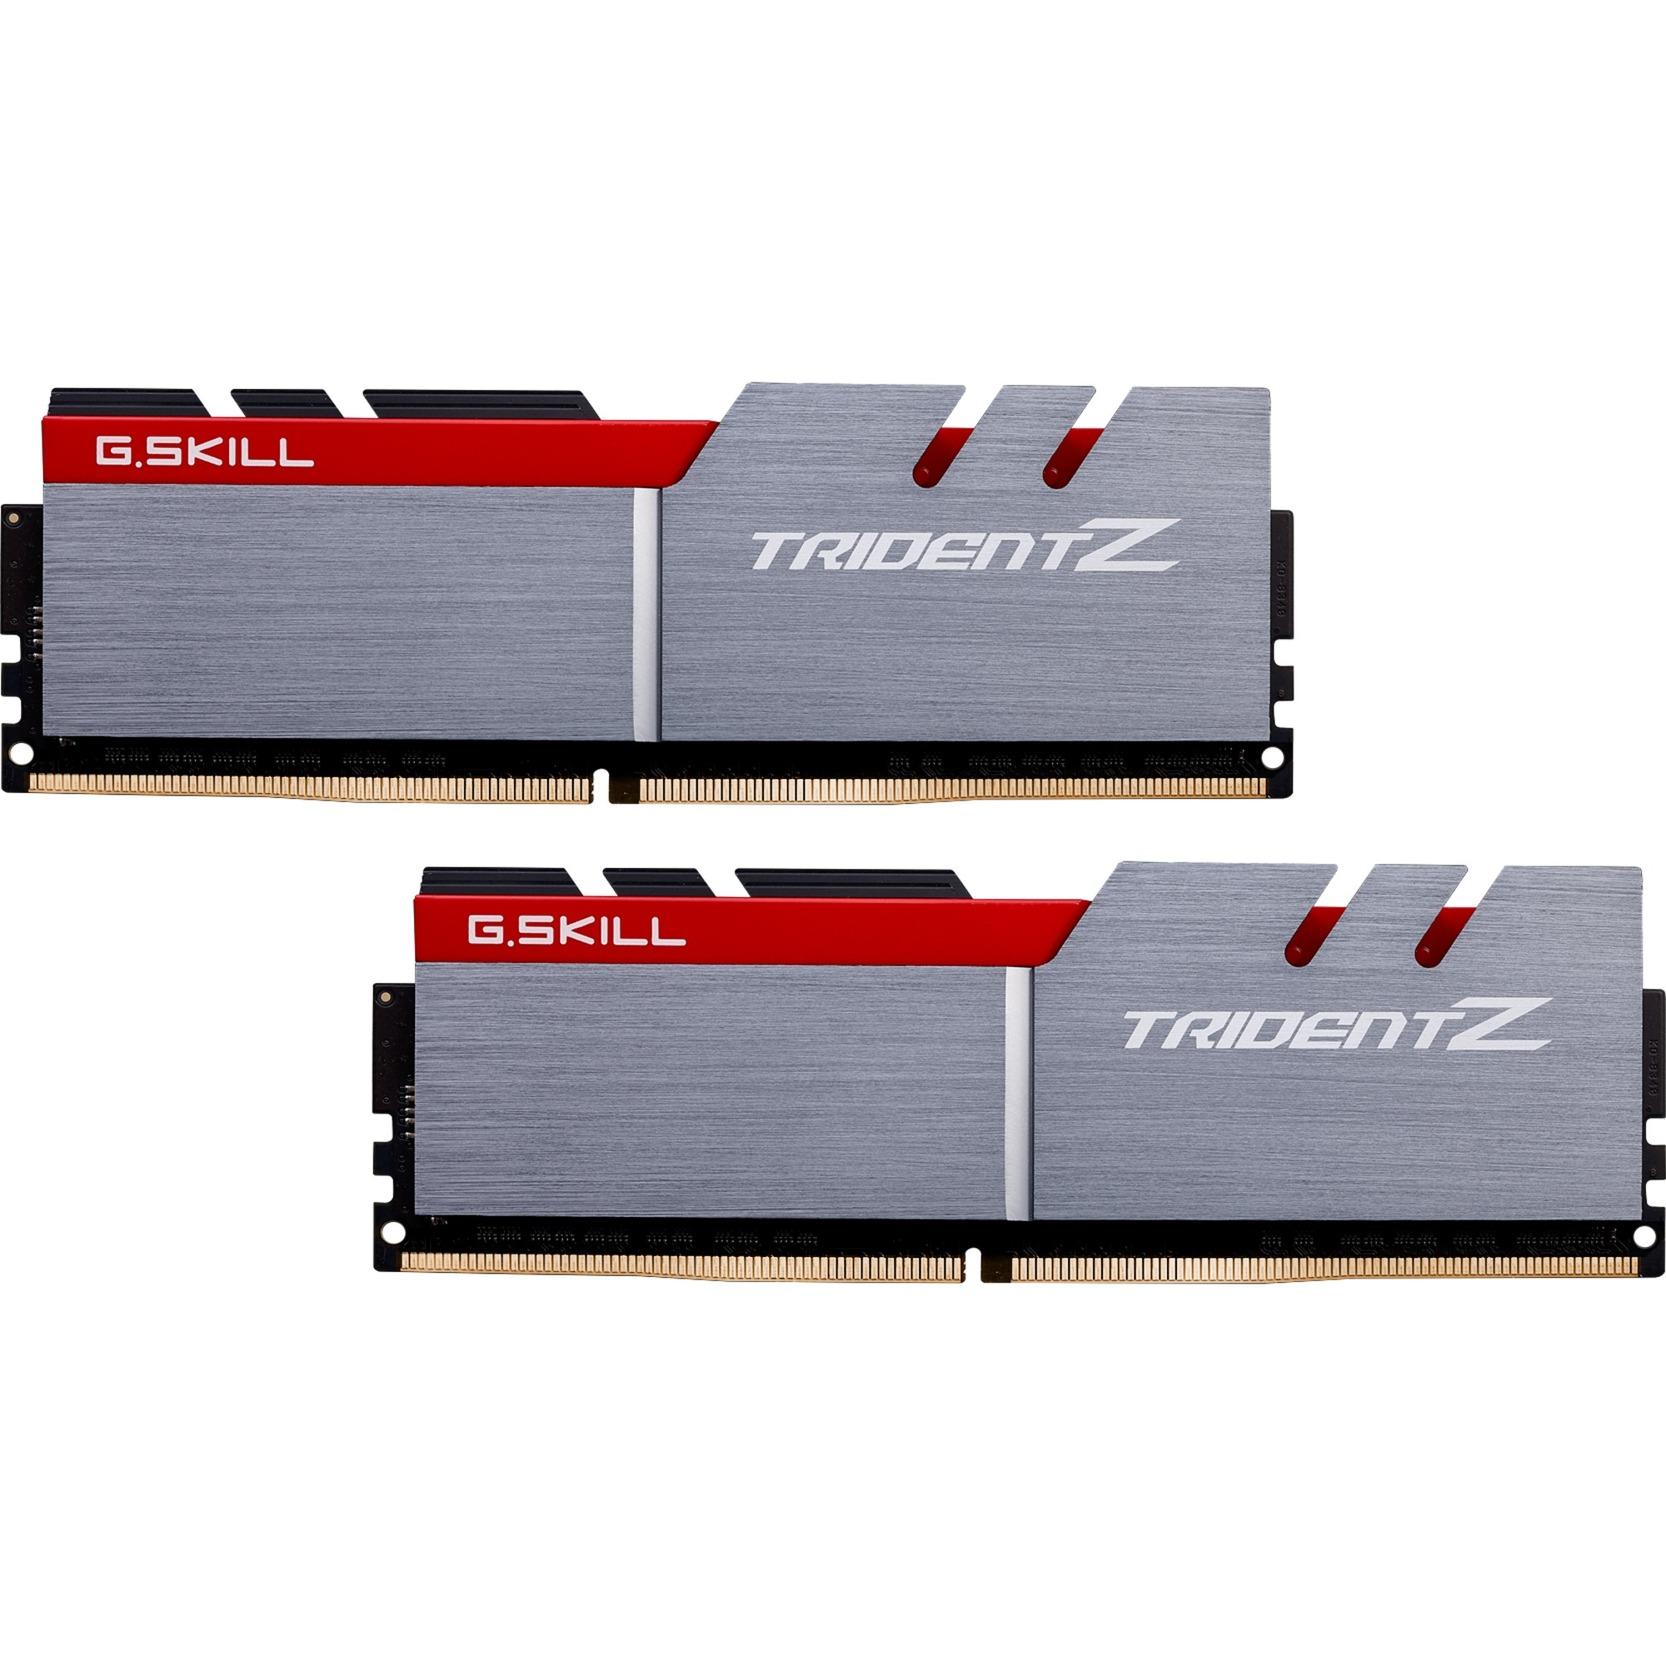 Trident Z 16GB DDR4 16Go DDR4 4000MHz module de mémoire